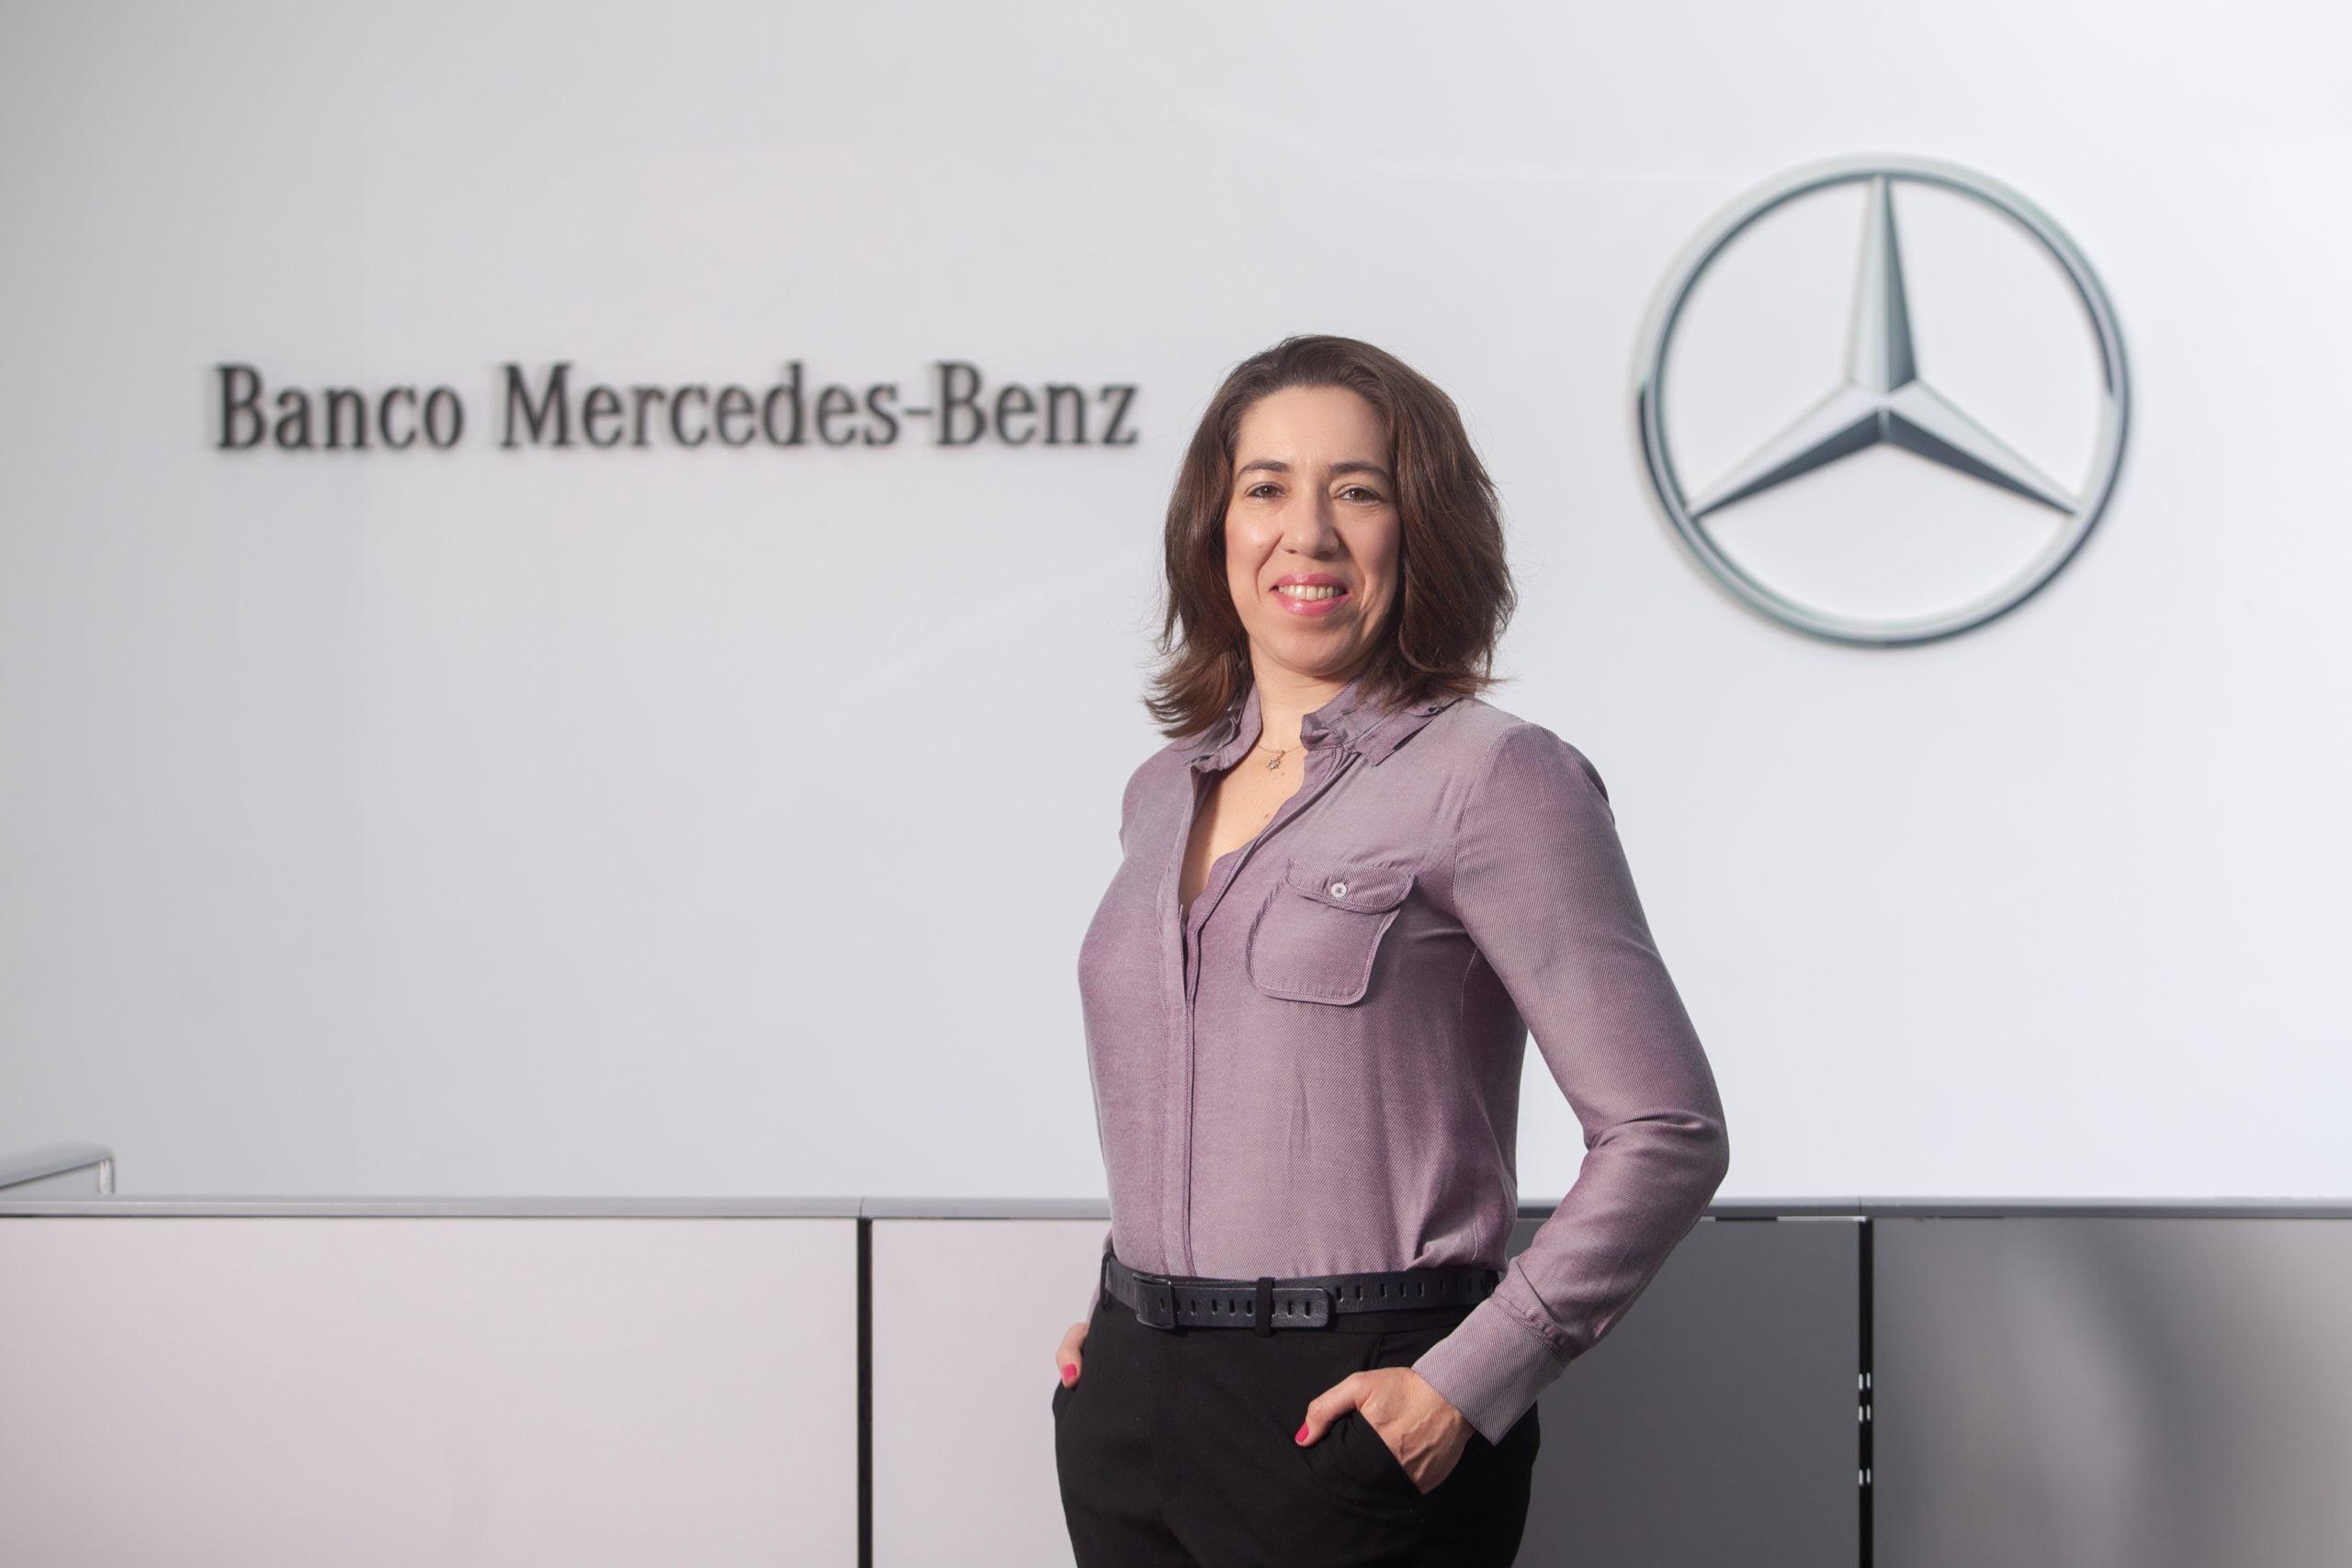 Banco Mercedes-Benz anuncia mudanças no quadro executivo